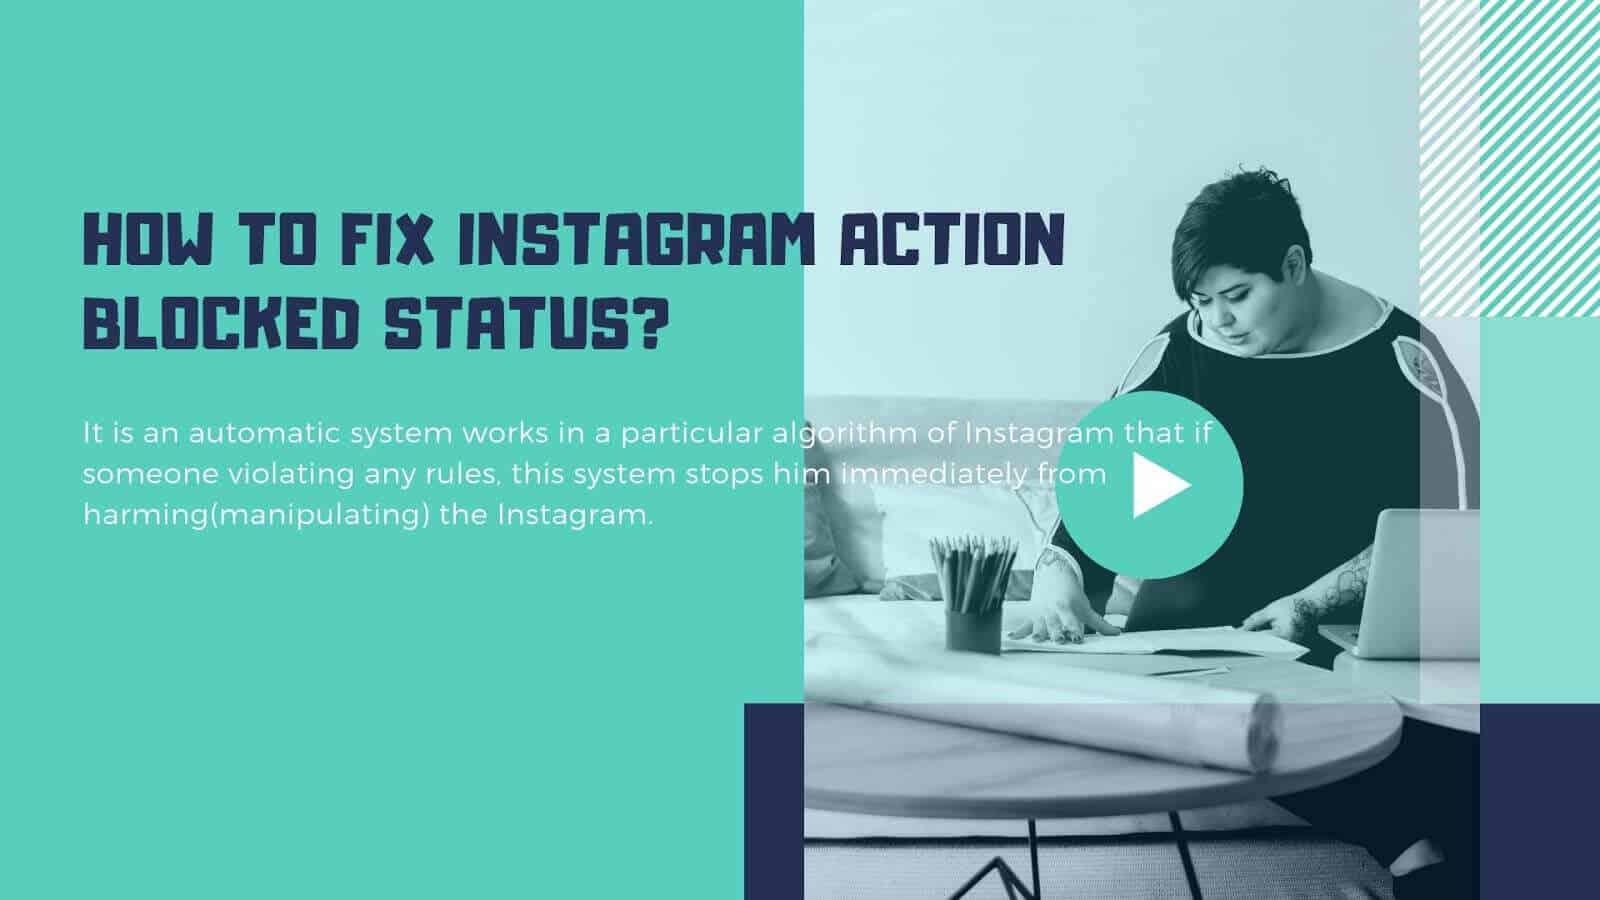 Nola konpondu ekintzak blokeatuta badaude Instagram?  Erraz konpondu